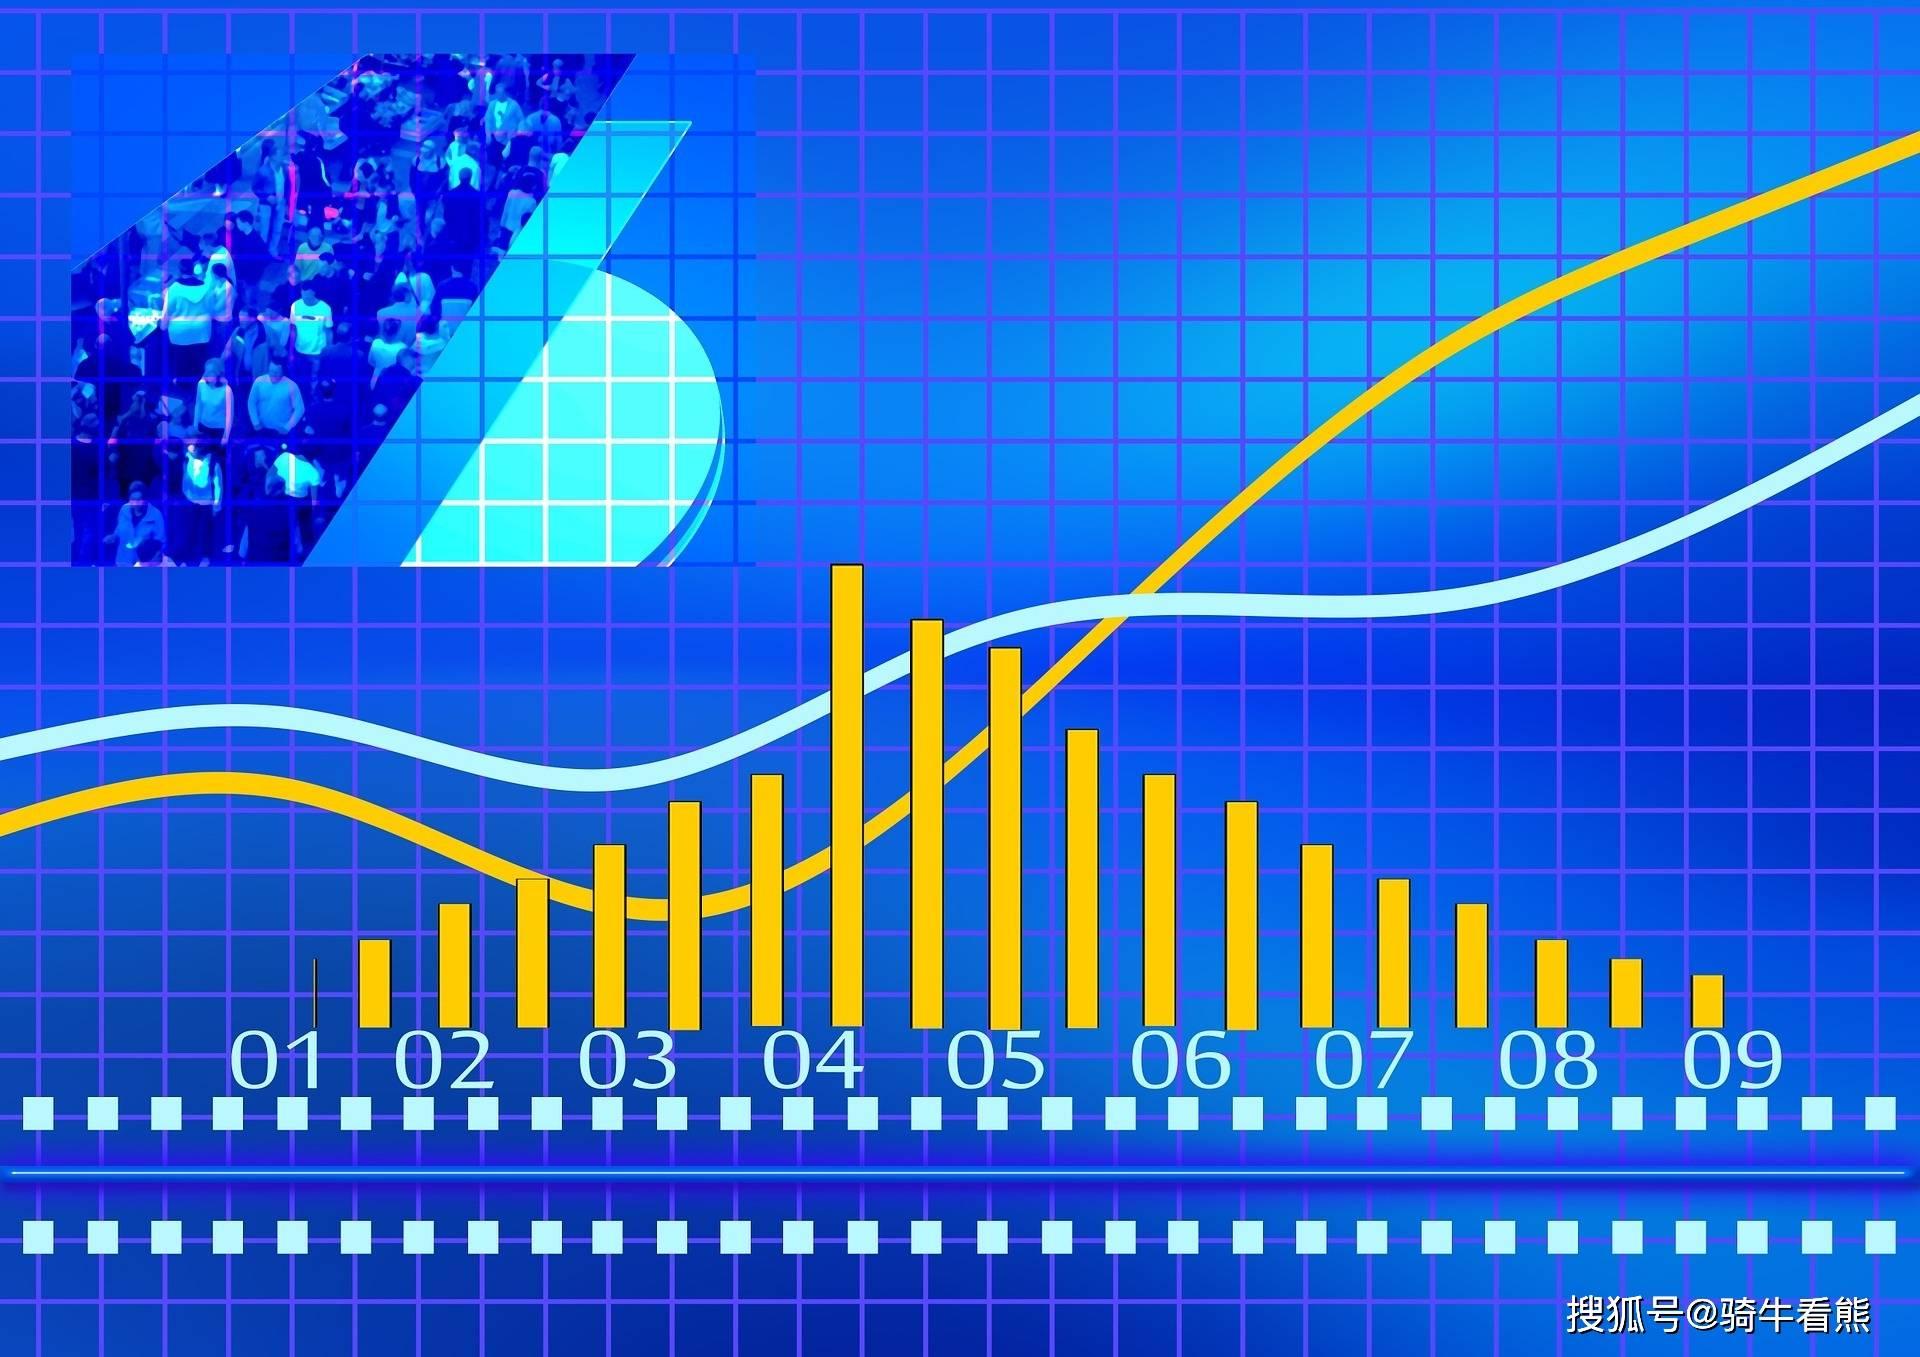 在投资基金时,使用分批买入与一次性买入,有何不同?